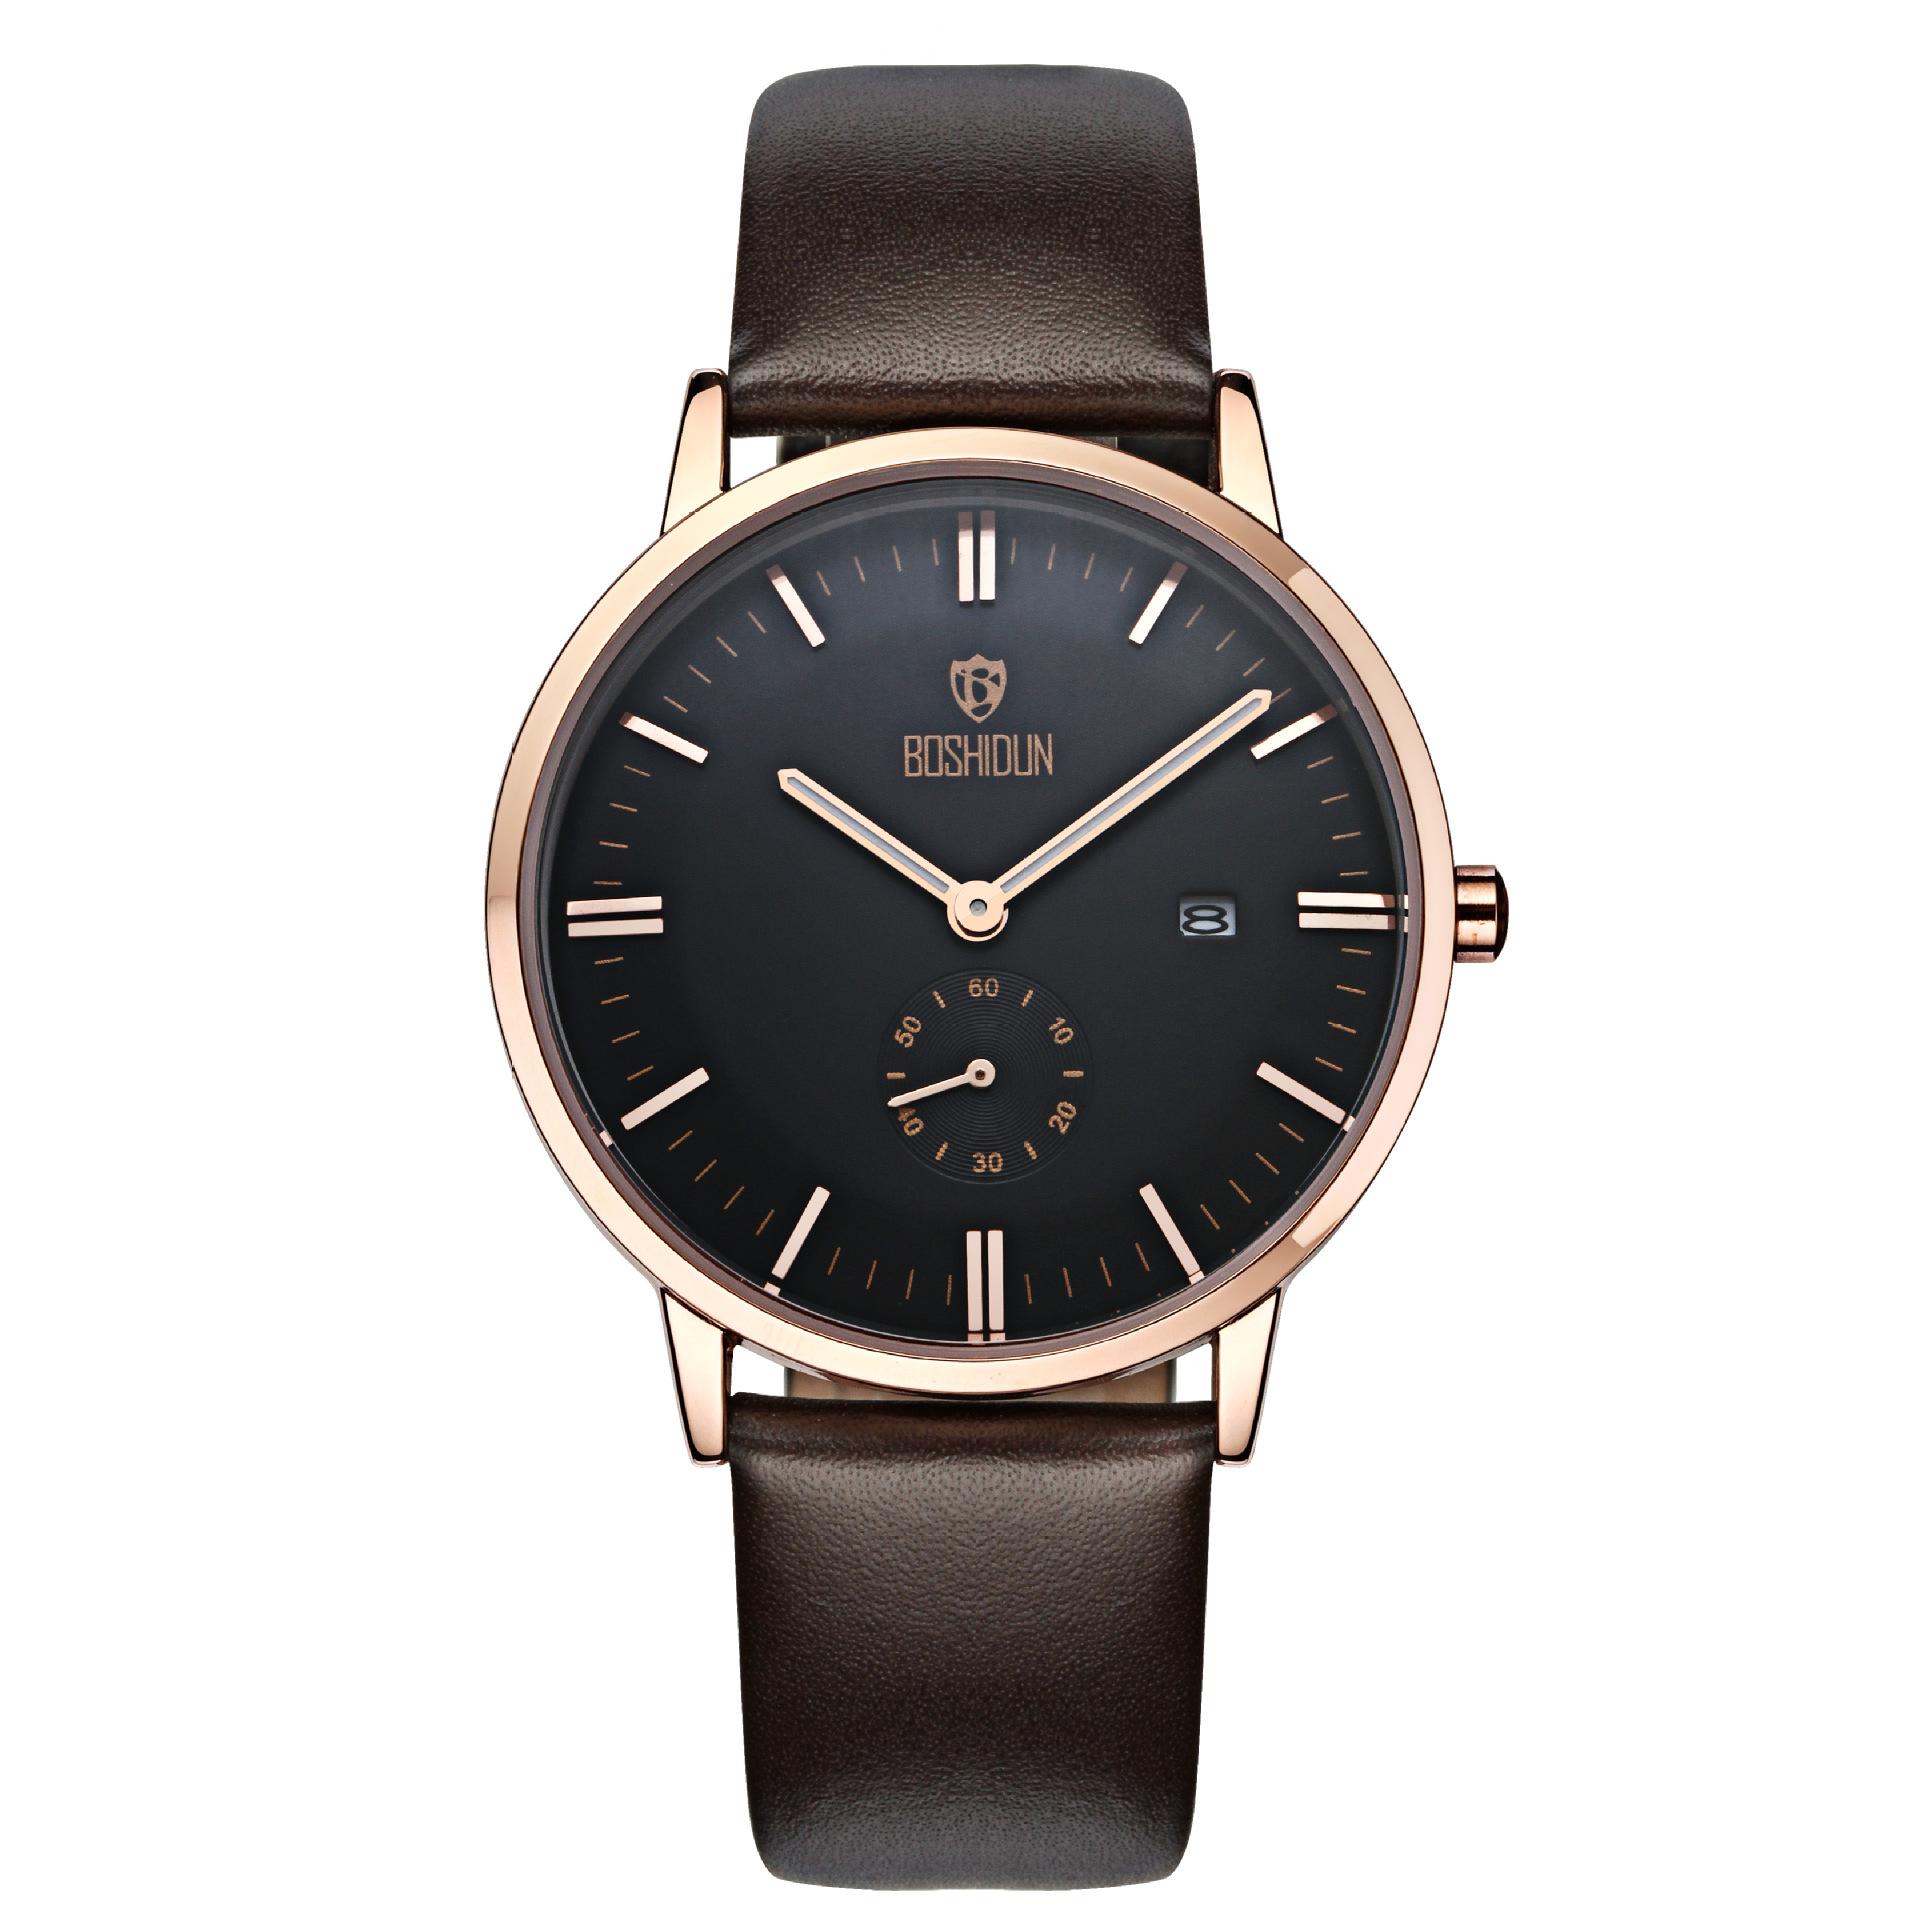 BOSHIDUN Swiss watch Mens belt quartz watch waterproof luxury watch brands wholesale<br><br>Aliexpress